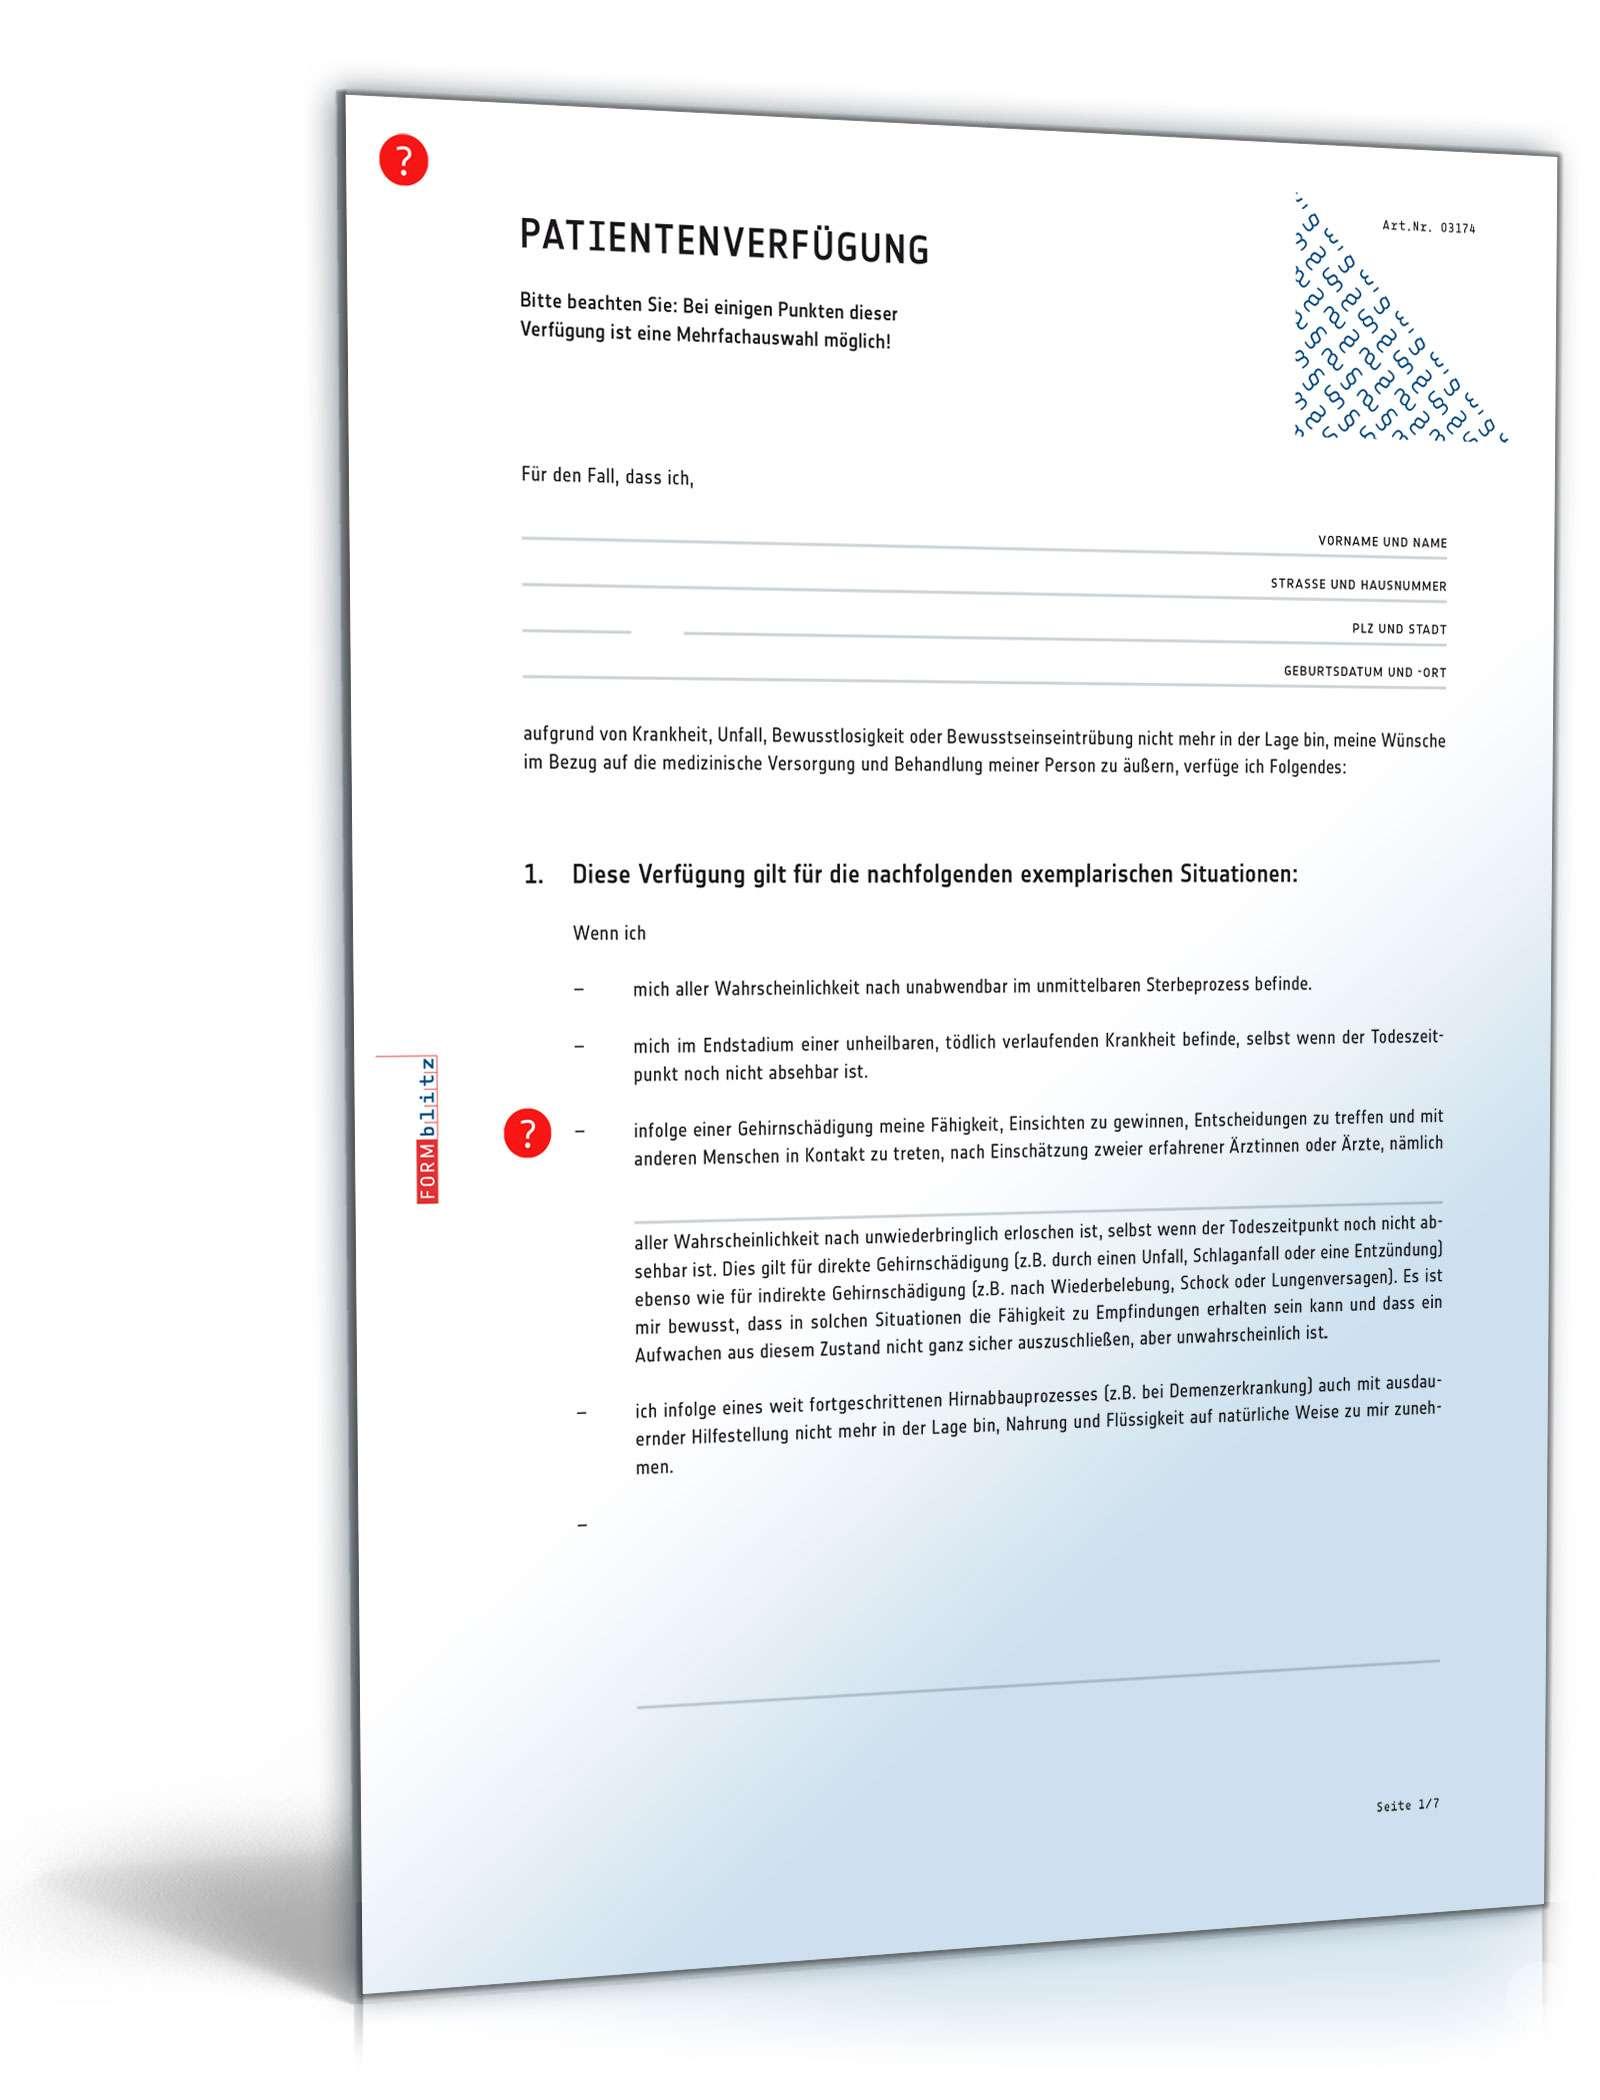 patientenverfgung muster vorlage zum download - Patientenverfugung Muster